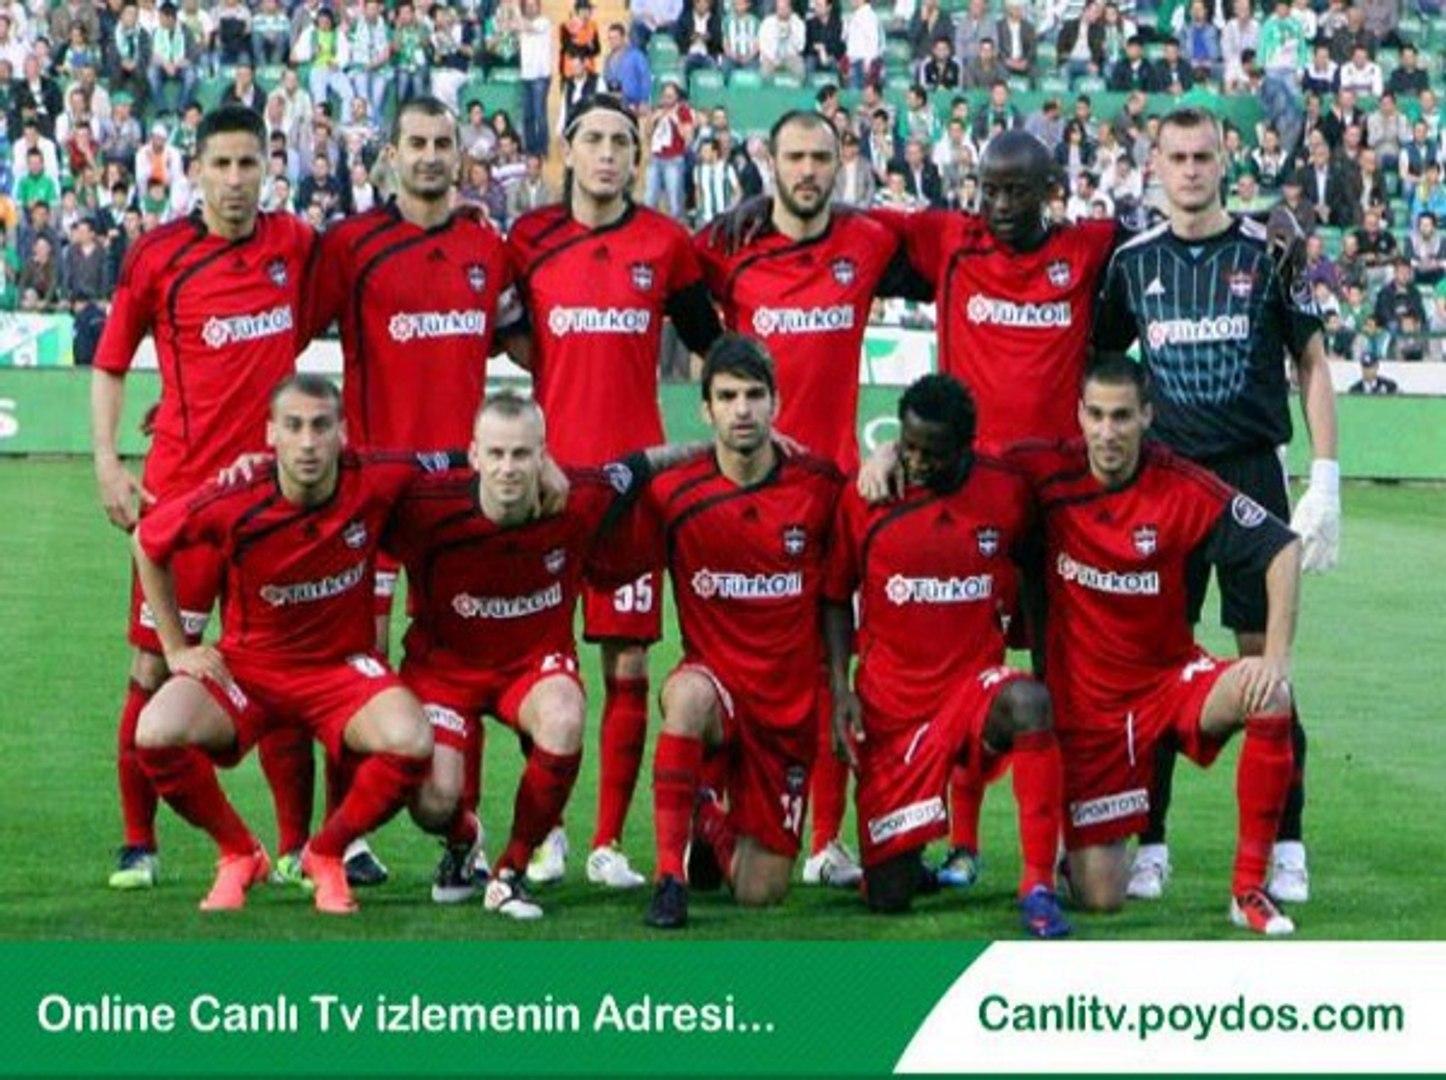 English Club TV Canlı Tv